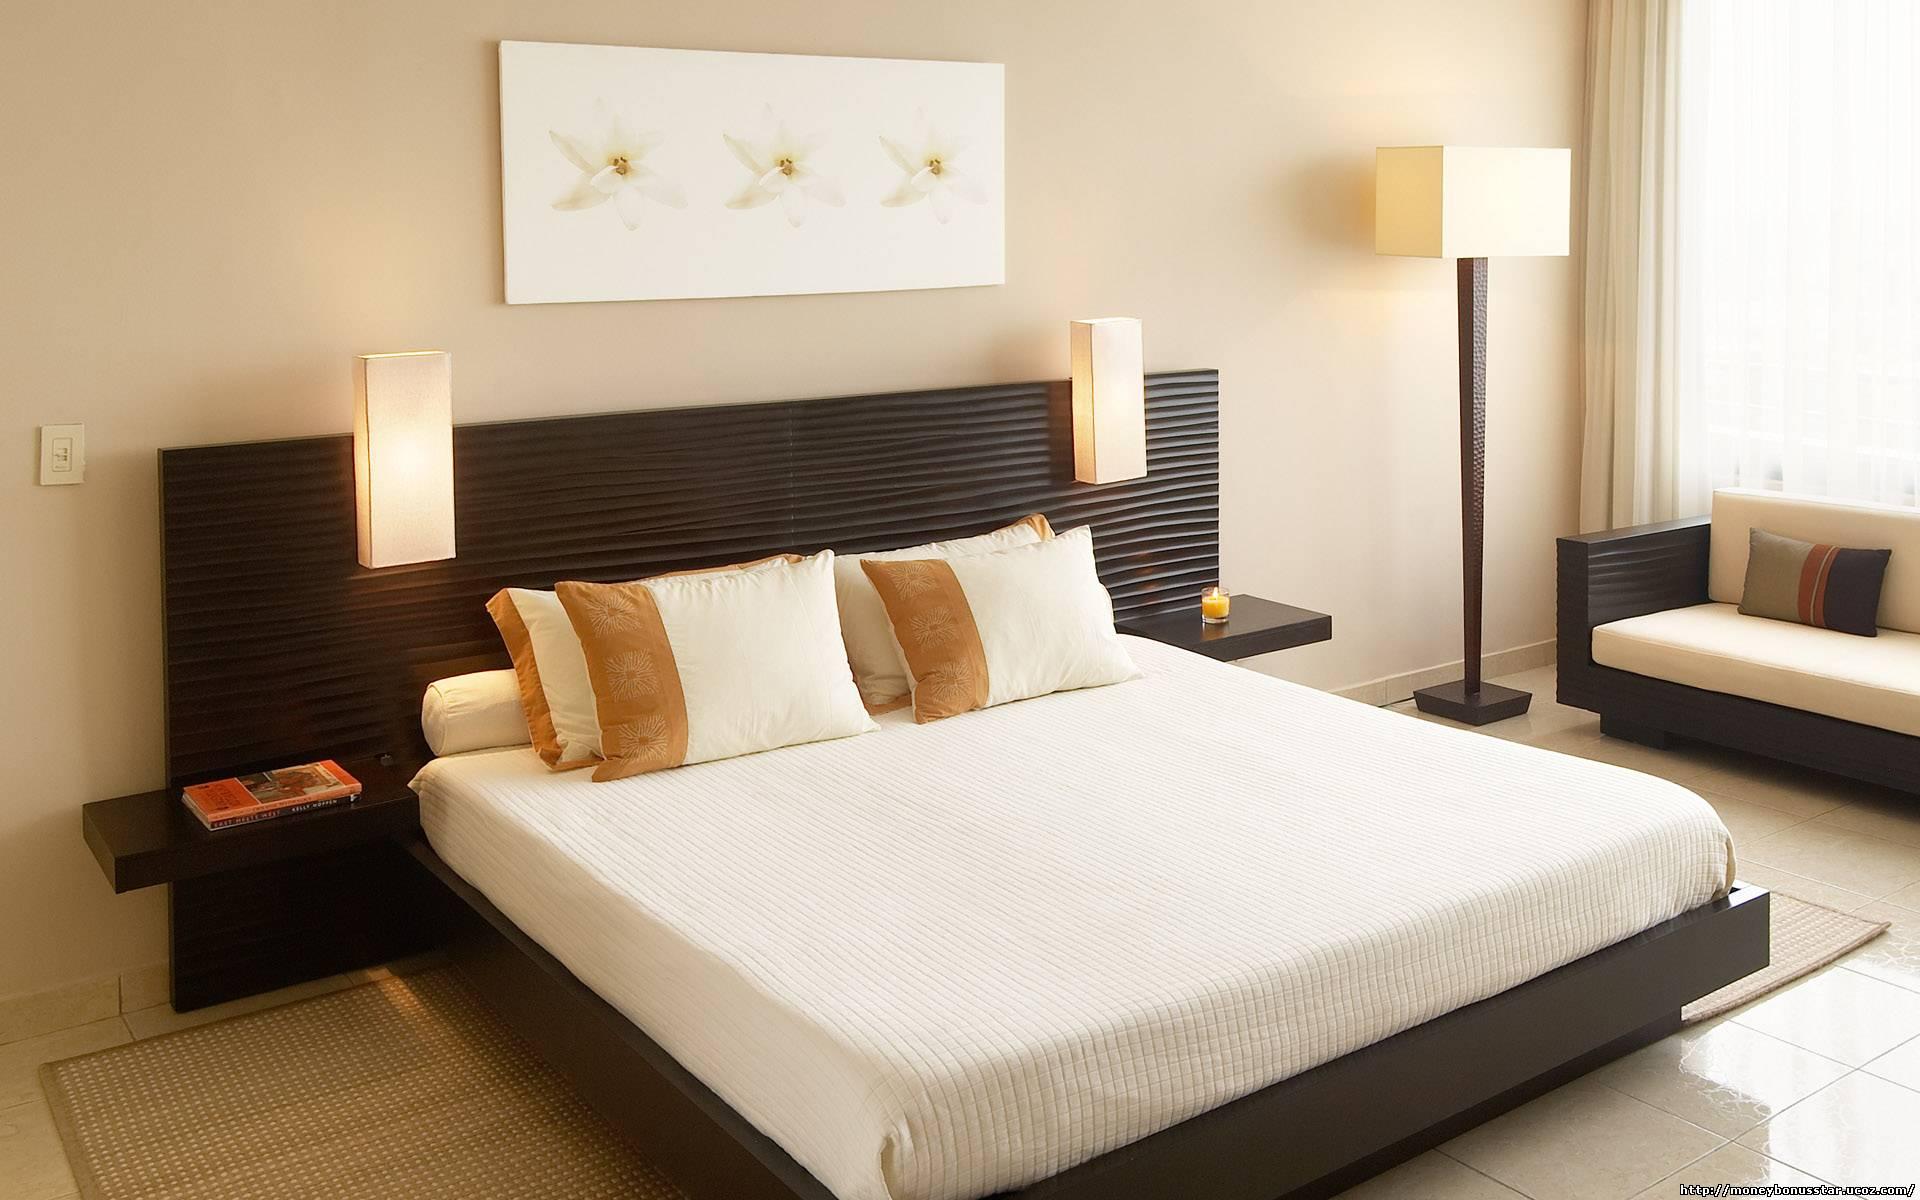 Обои для спальни купить в спб.: spalnyafoto.ru/oboi-dlya-spal-ni-kupit-v-spb